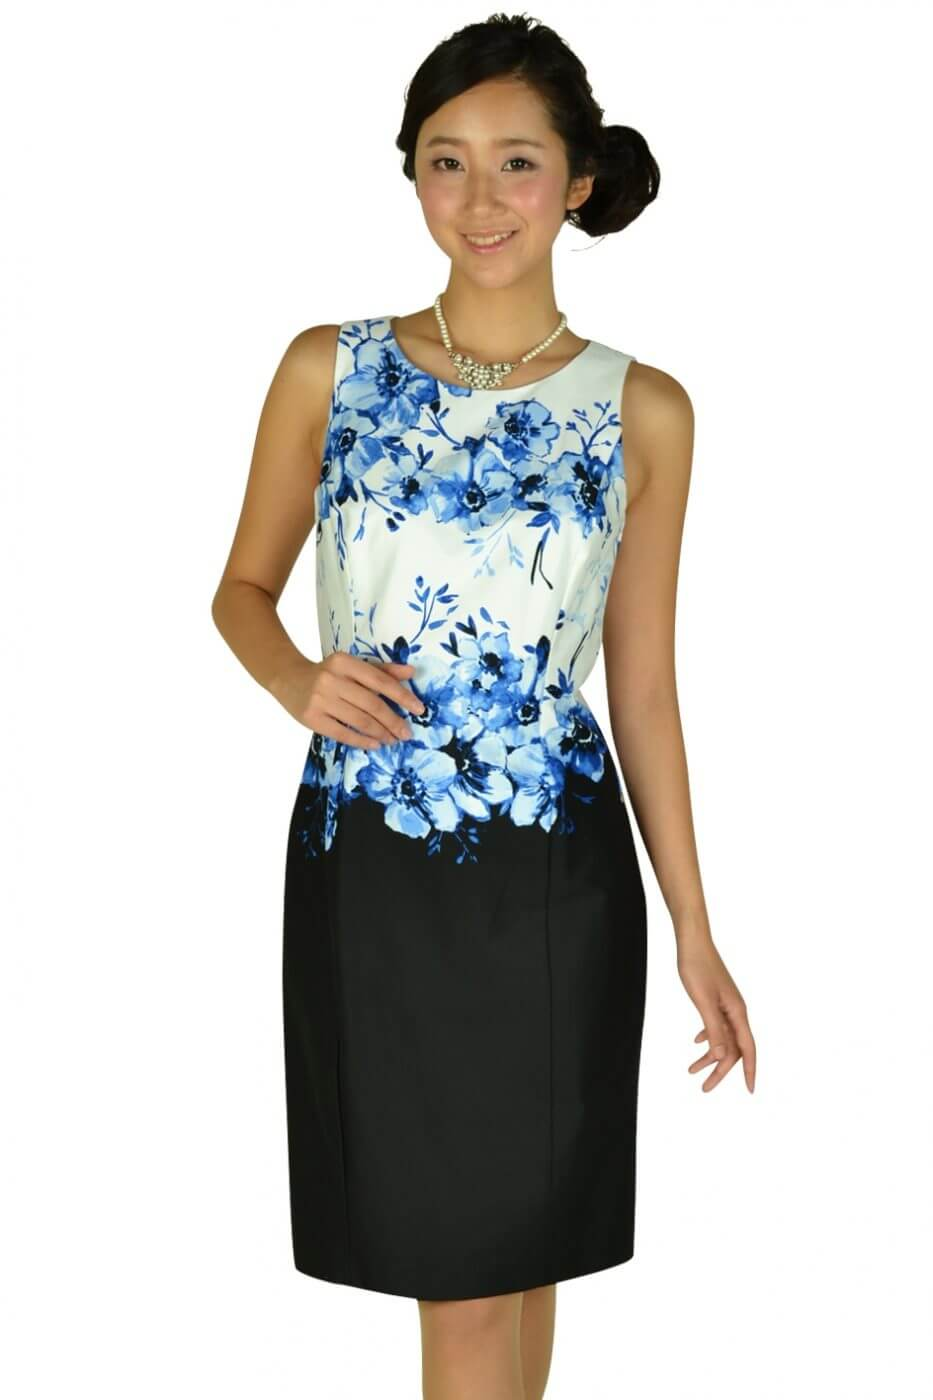 ローレンラルフローレン(LAUREN RALPH LAUREN)フラワーペイント×ブラックSKドレス